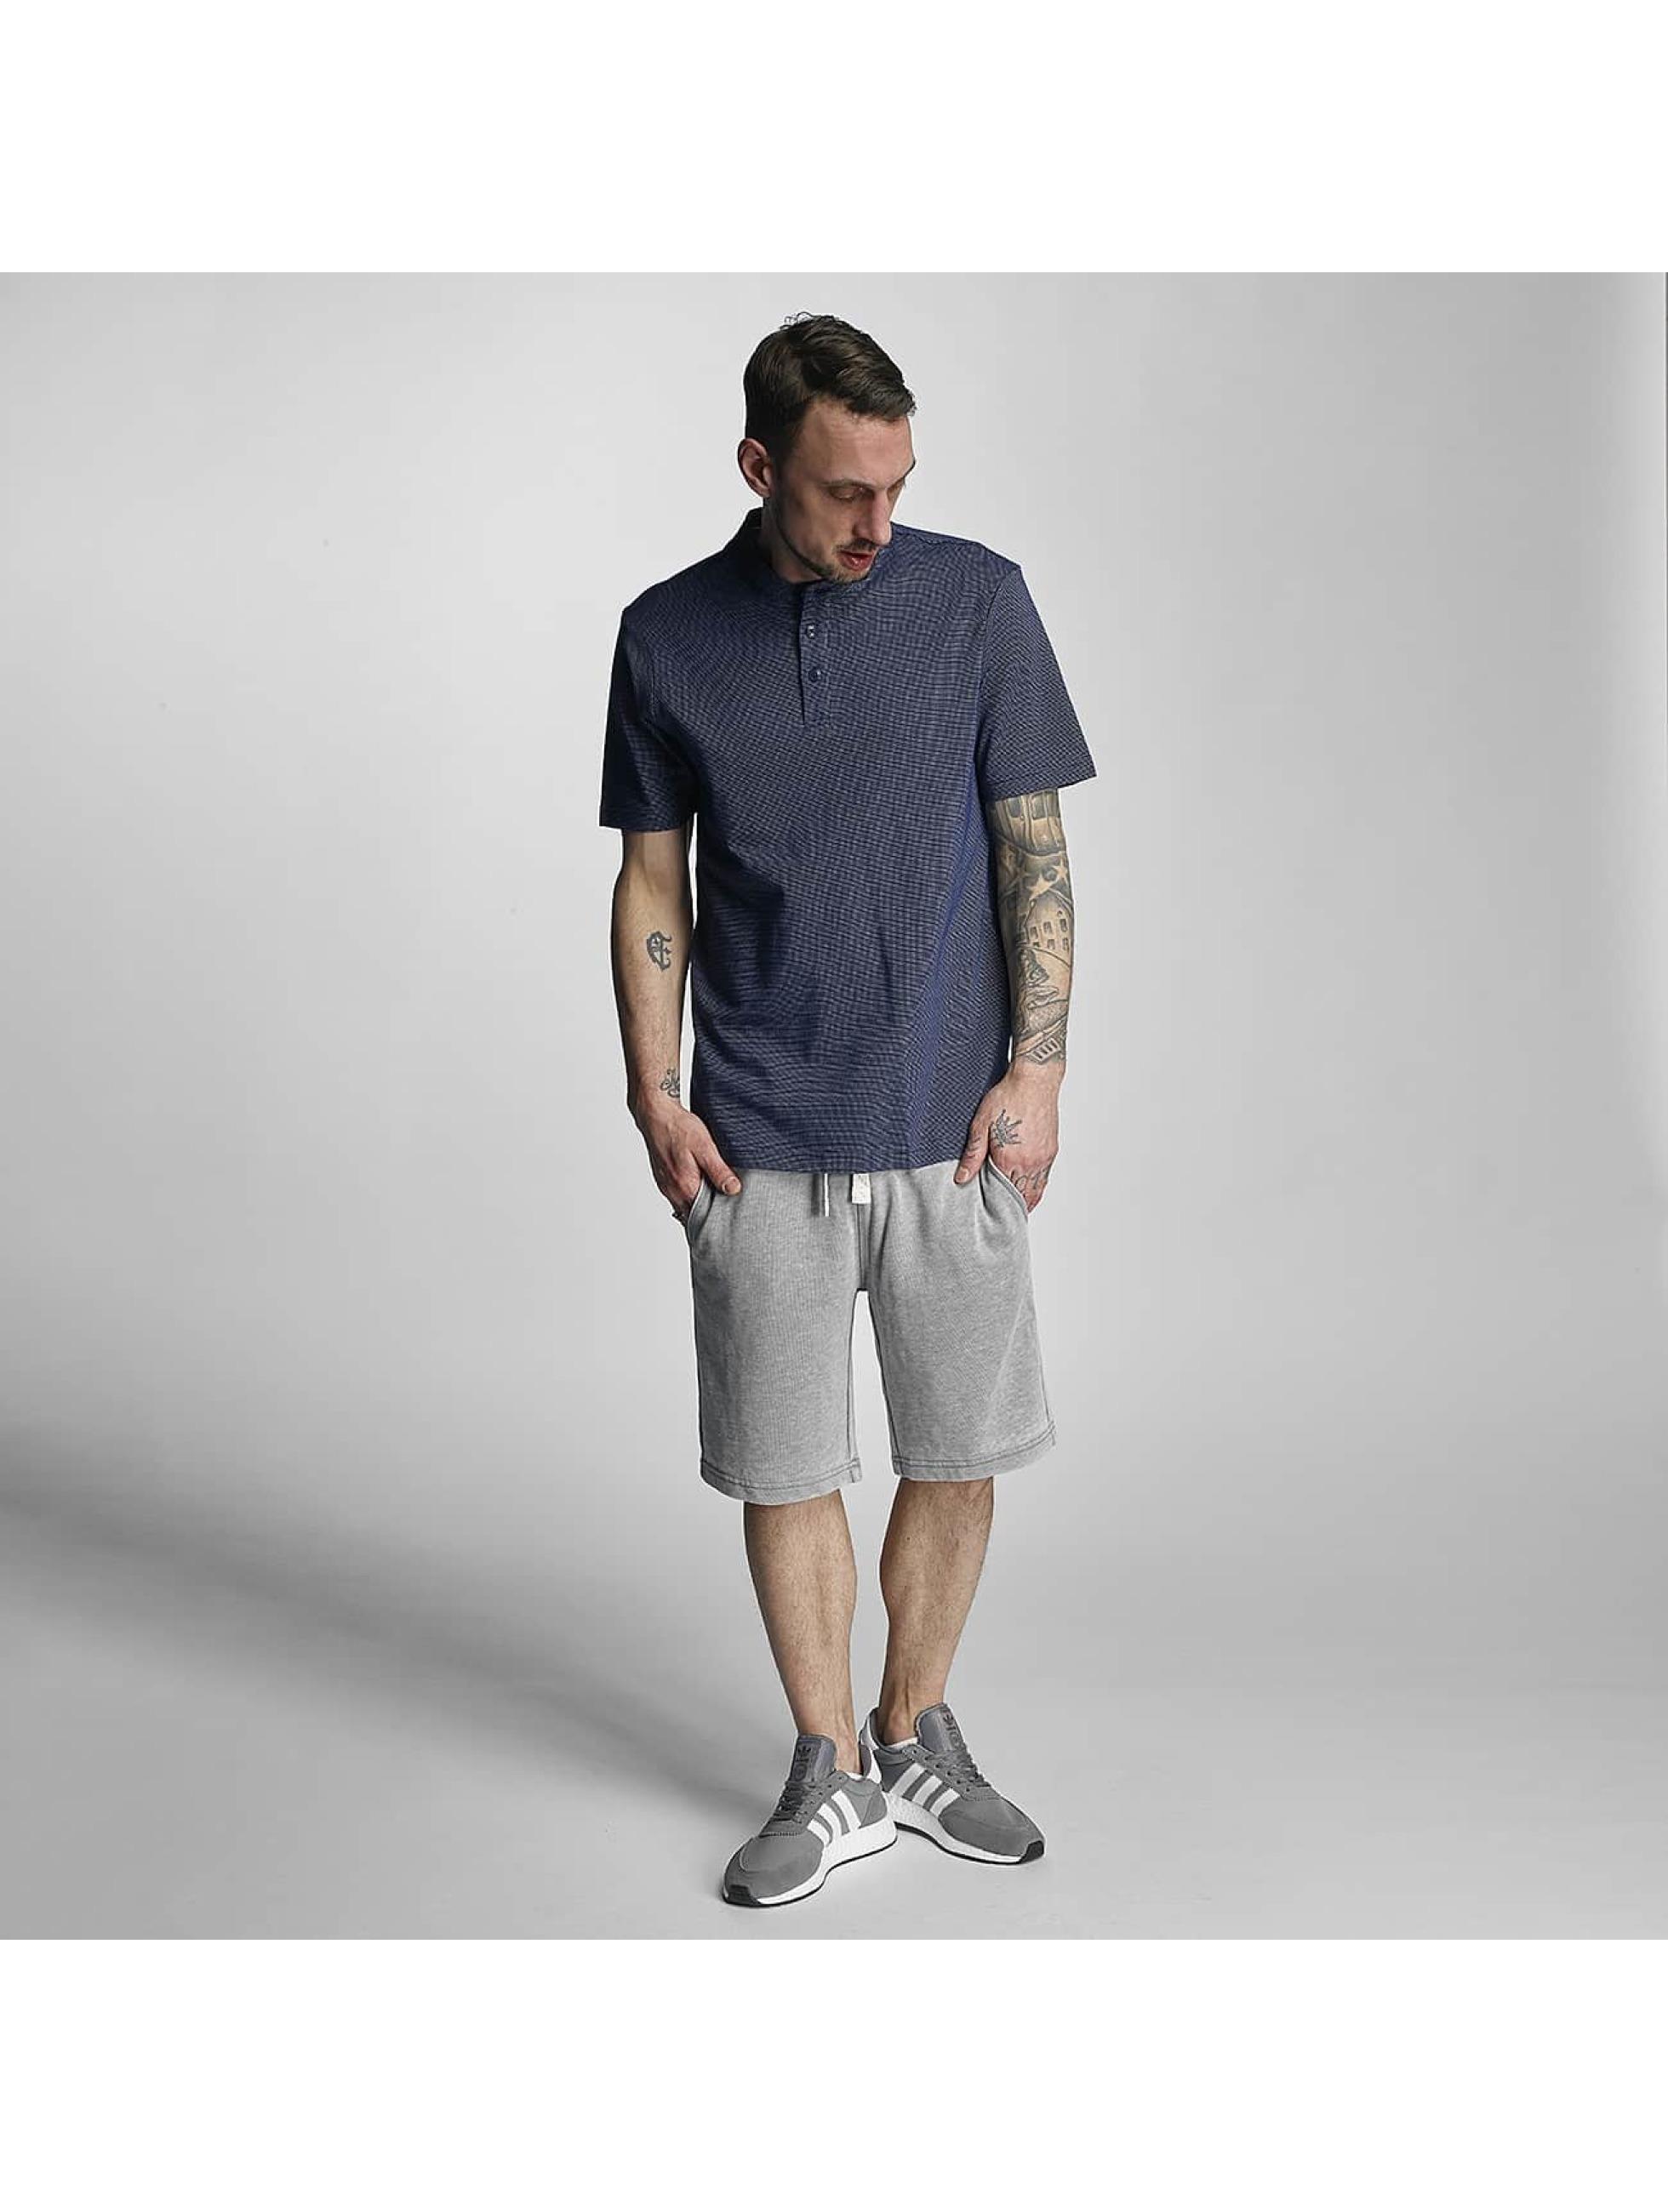 Bench Shorts Overdye grau